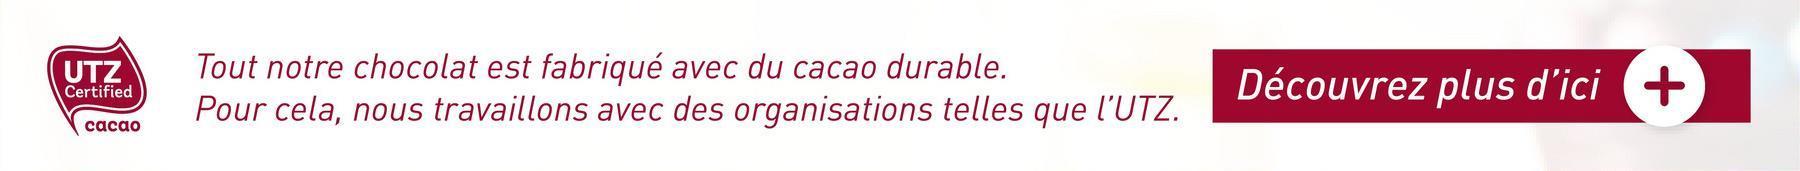 UTZ Certified Tout notre chocolat est fabriqué avec du cacao durable. Pour cela, nous travaillons avec des organisations telles que l'UTZ. Découvrez plus d'ici + cacao